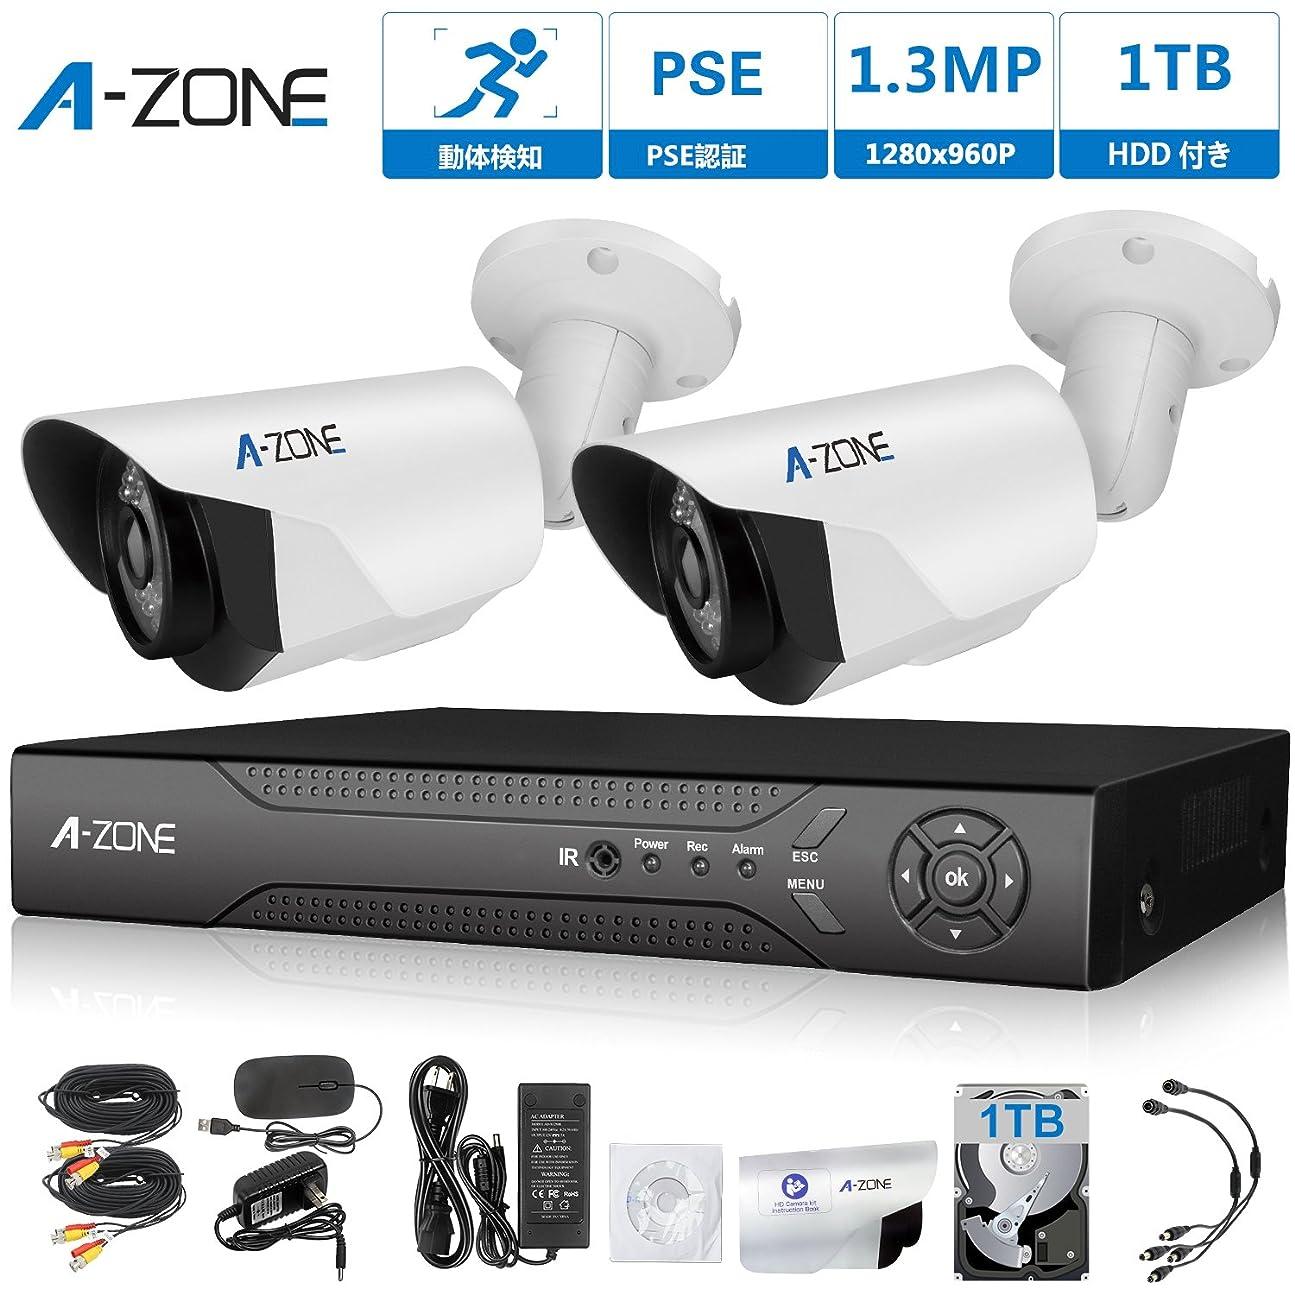 A-ZONE130万画素タイプ 防犯カメラキット 4CHレコーダー&2台カメラフルハイビジョン 防水IP67 ナイトビジョン監視カメラiPhone Android スマホ PC 遠隔監視 対応 (1TBHDD付き)